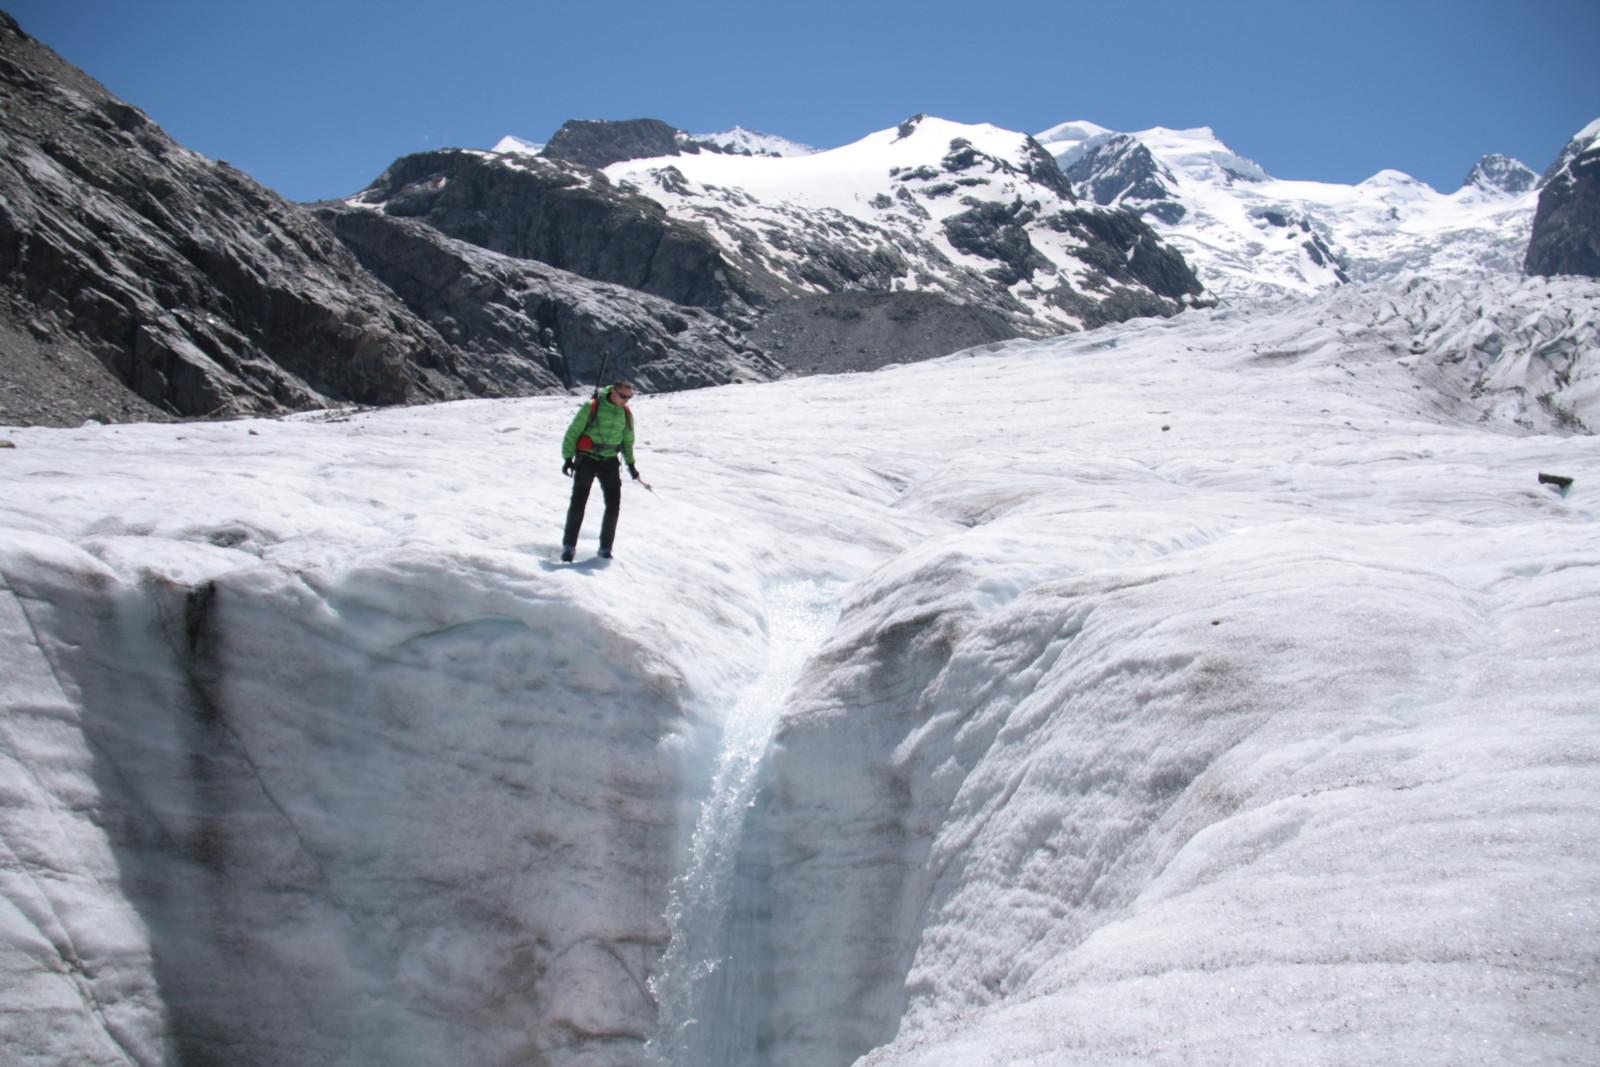 02. Un'altra immagine che evidenzia la formazione delle acque di fusione sul ghiacciaio